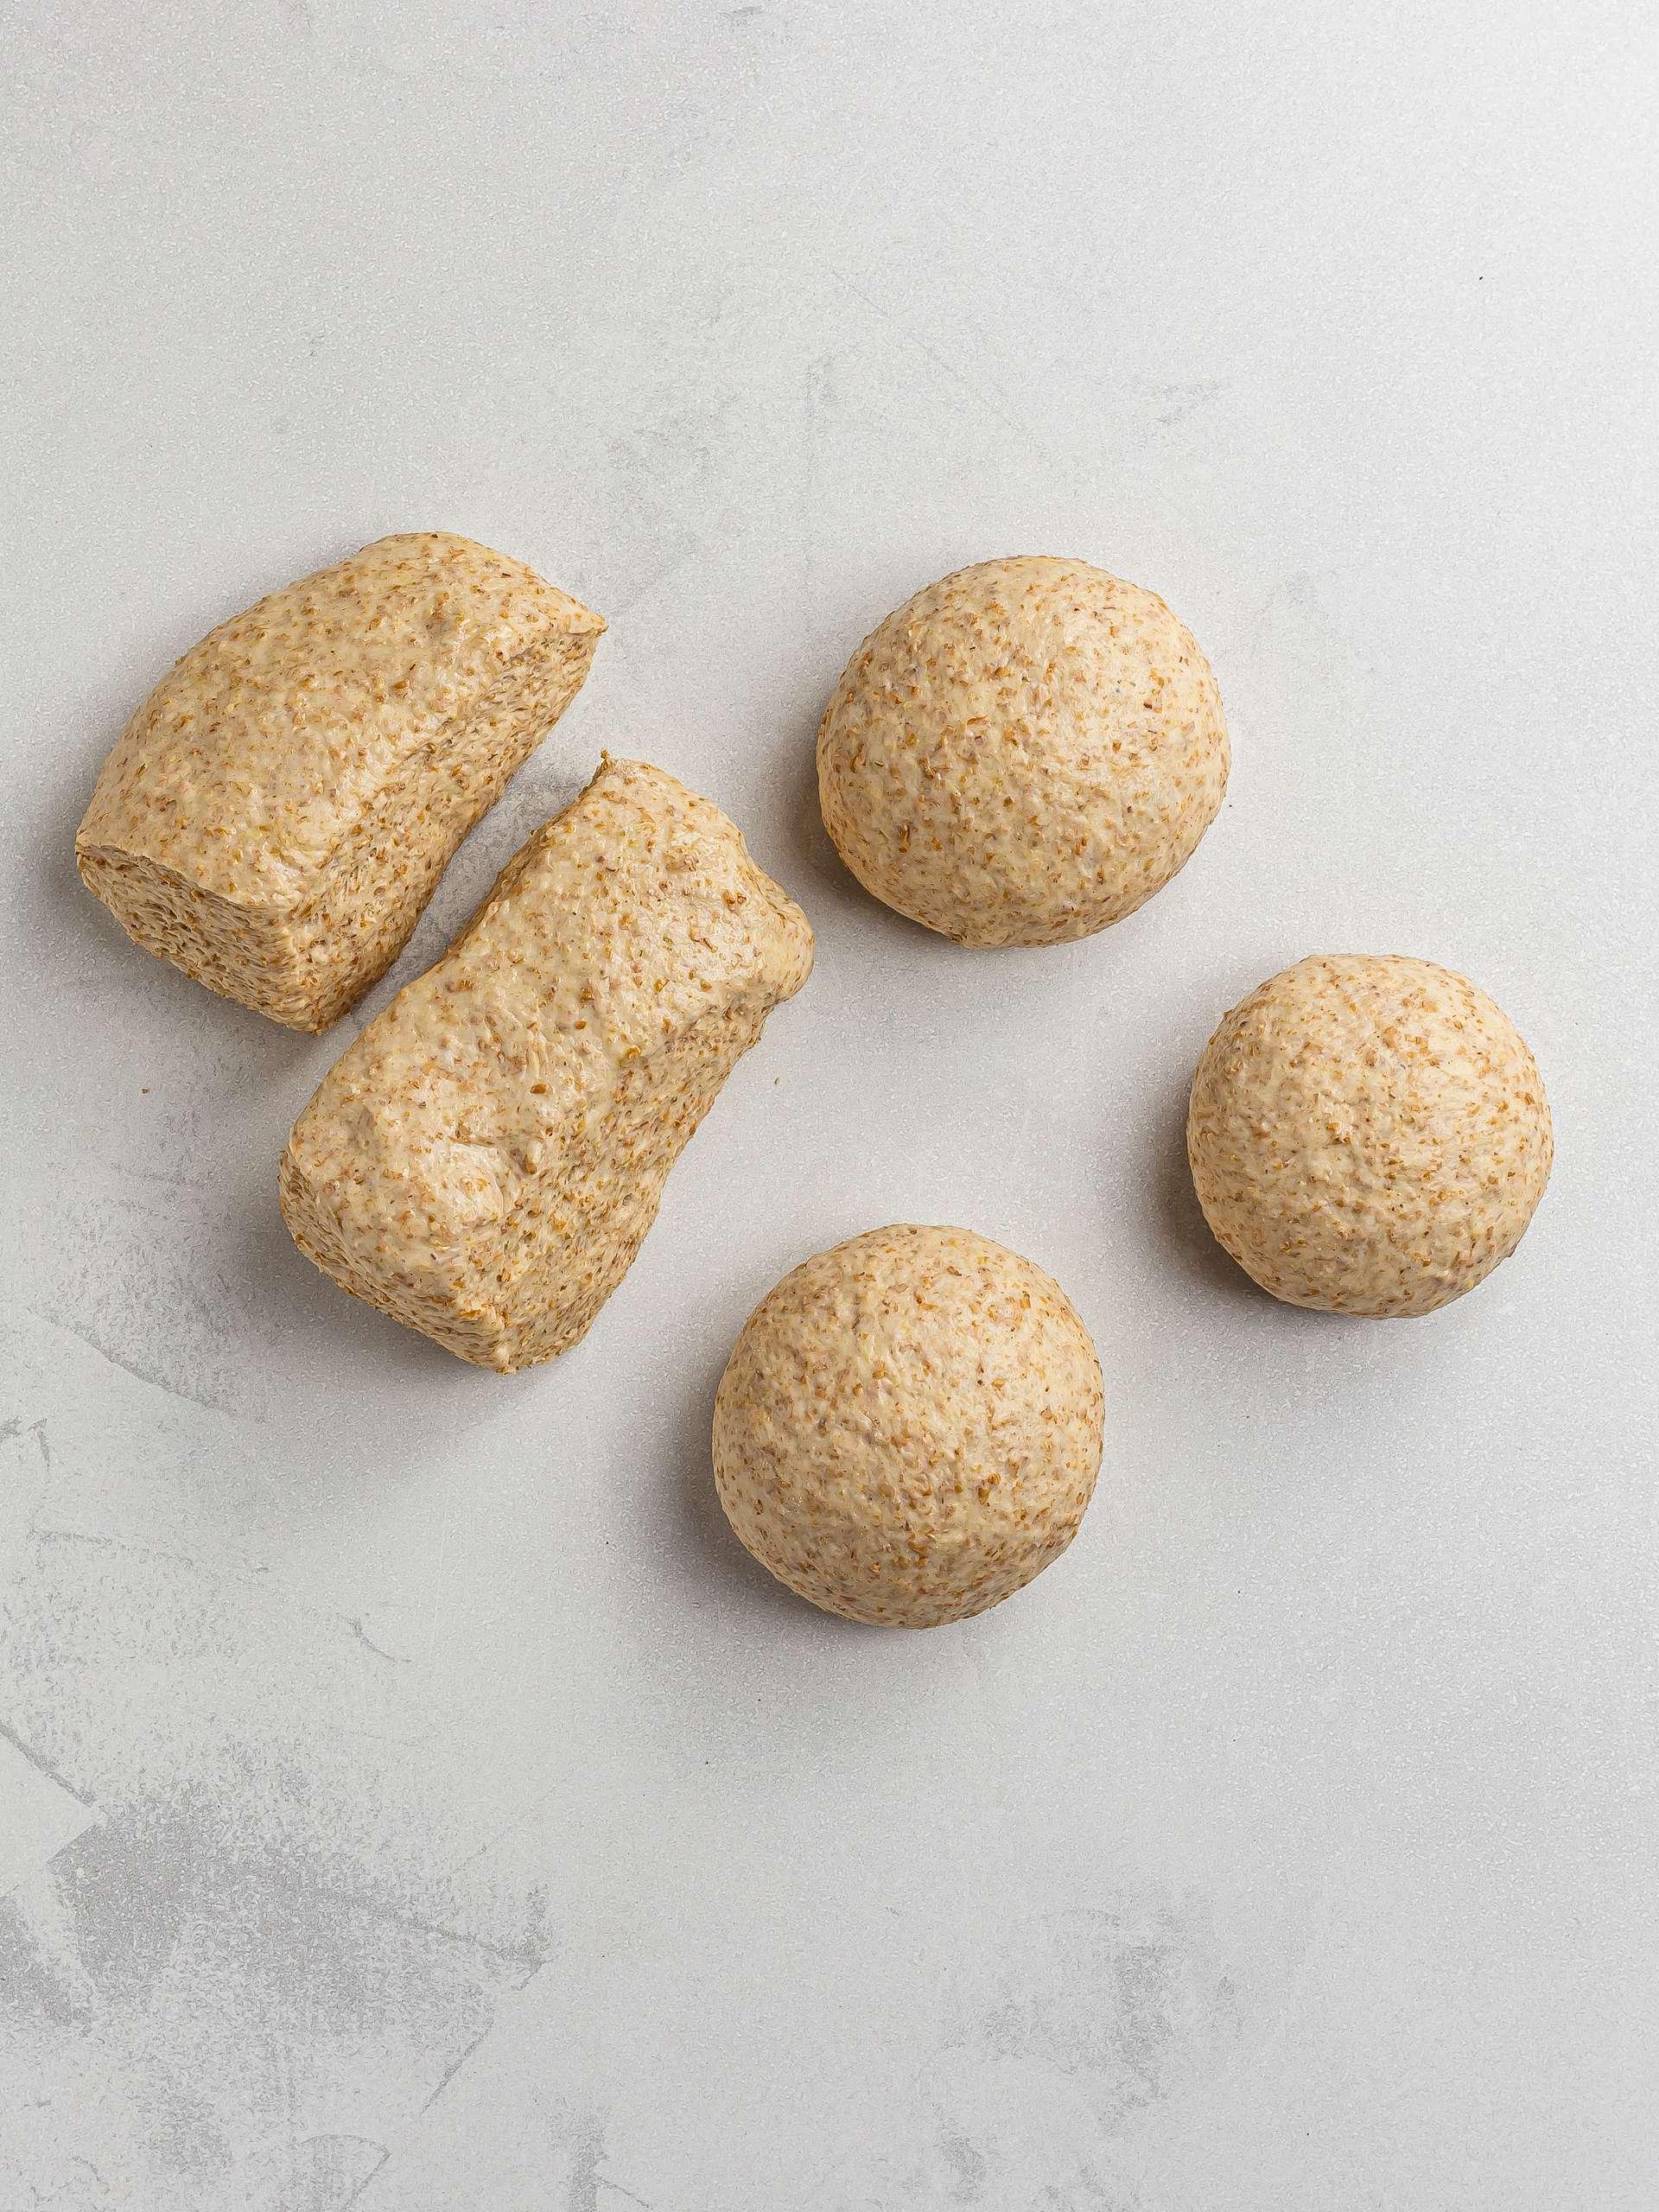 lavash bread pieces